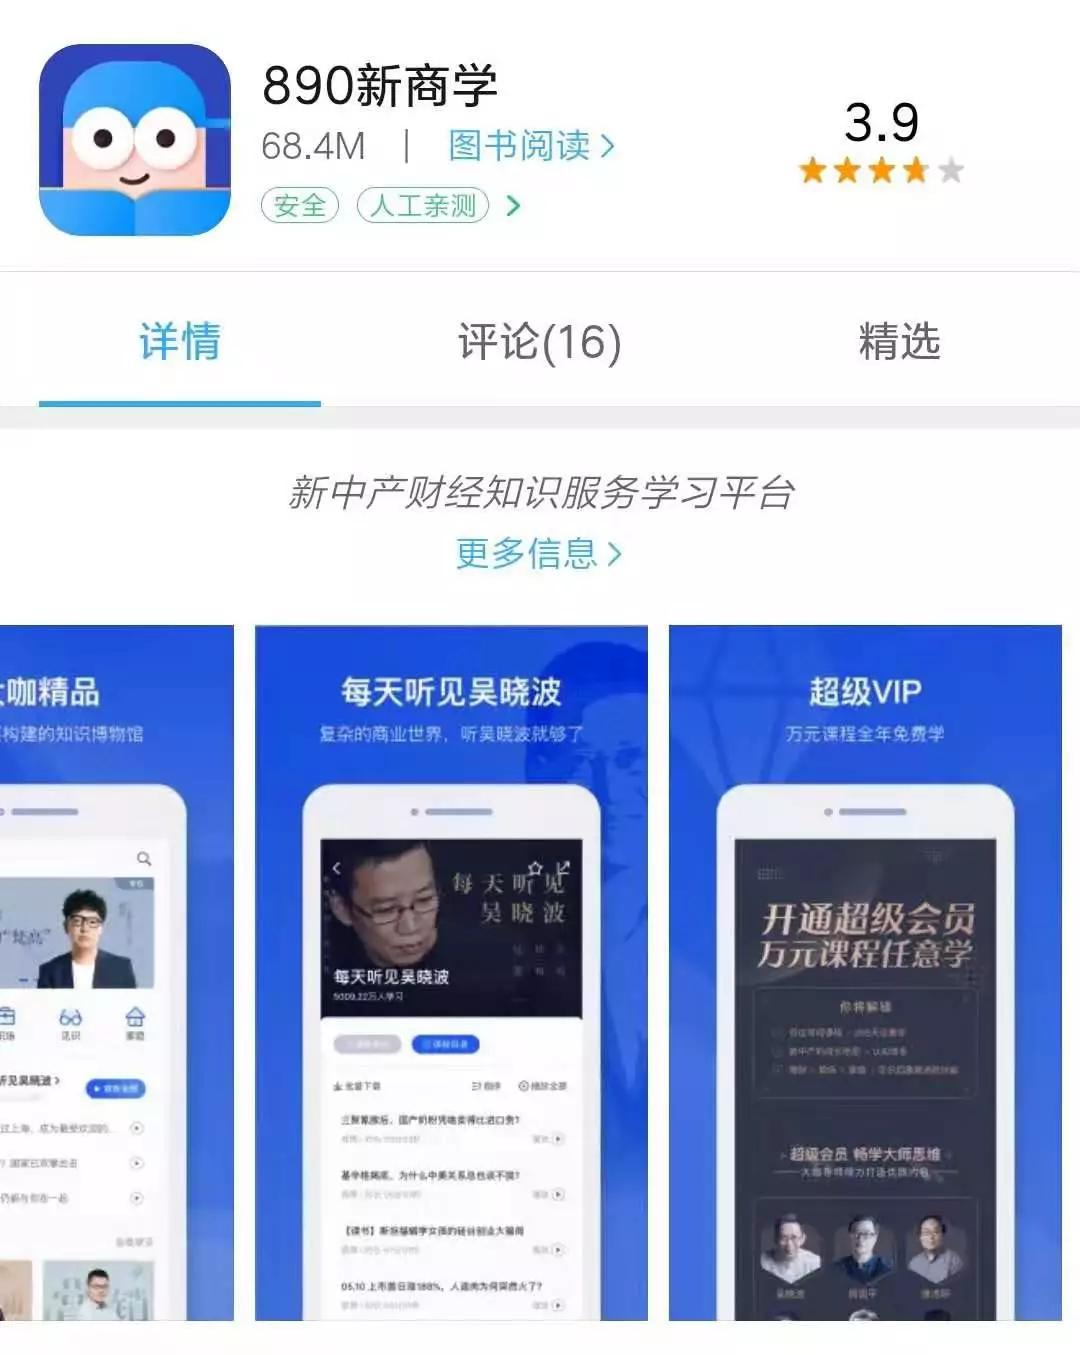 """吴晓波的上市梦要黄?""""吴晓波频道""""APP刚刚更名,全通教育突然说重组不及预期"""